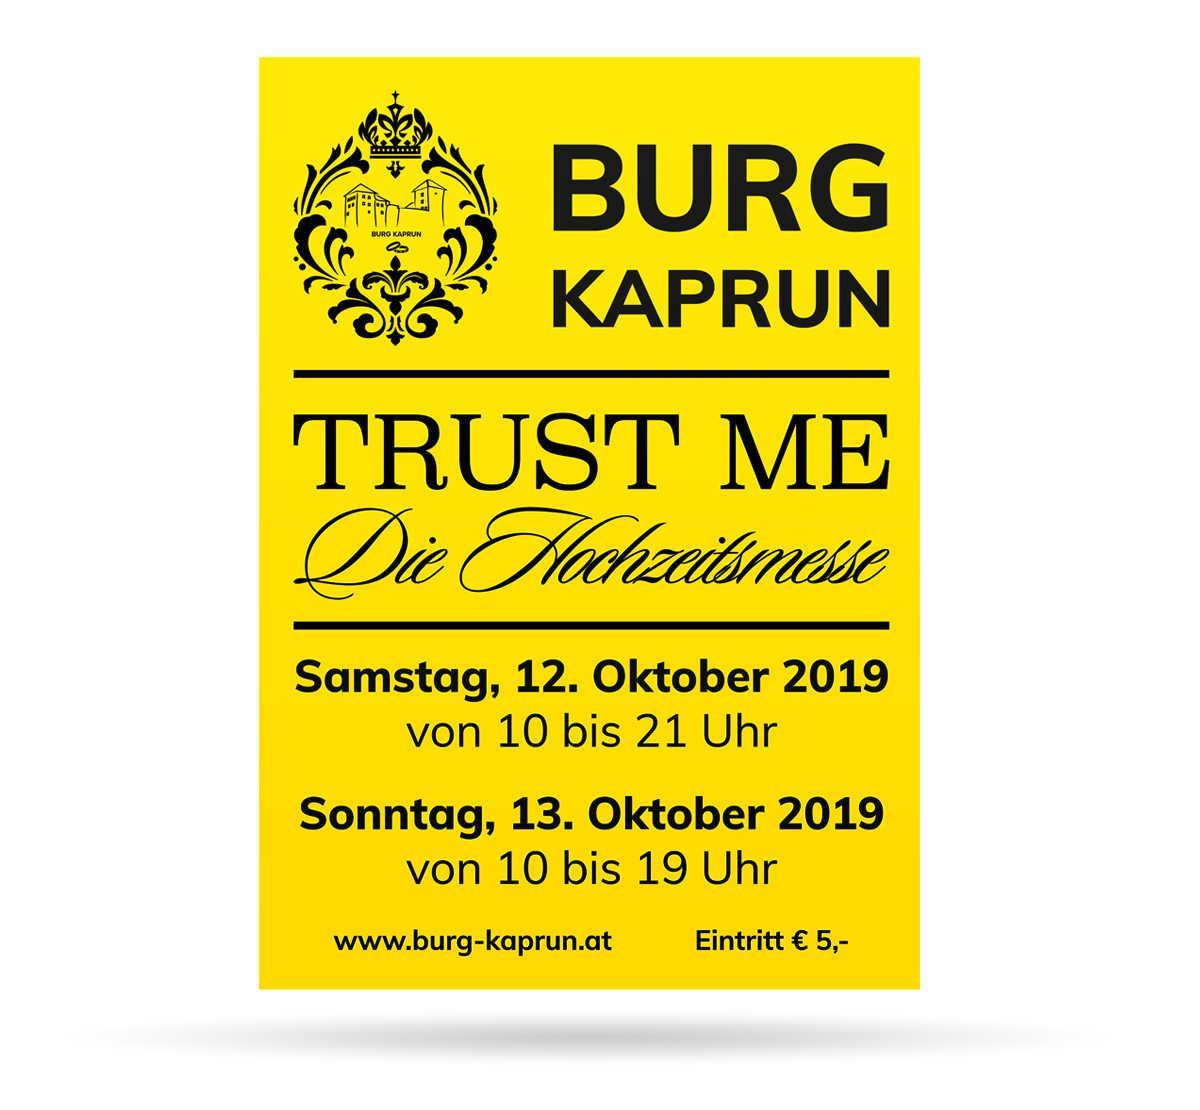 Burg Kaprun - Hochzeitsmesse - Neonplakat